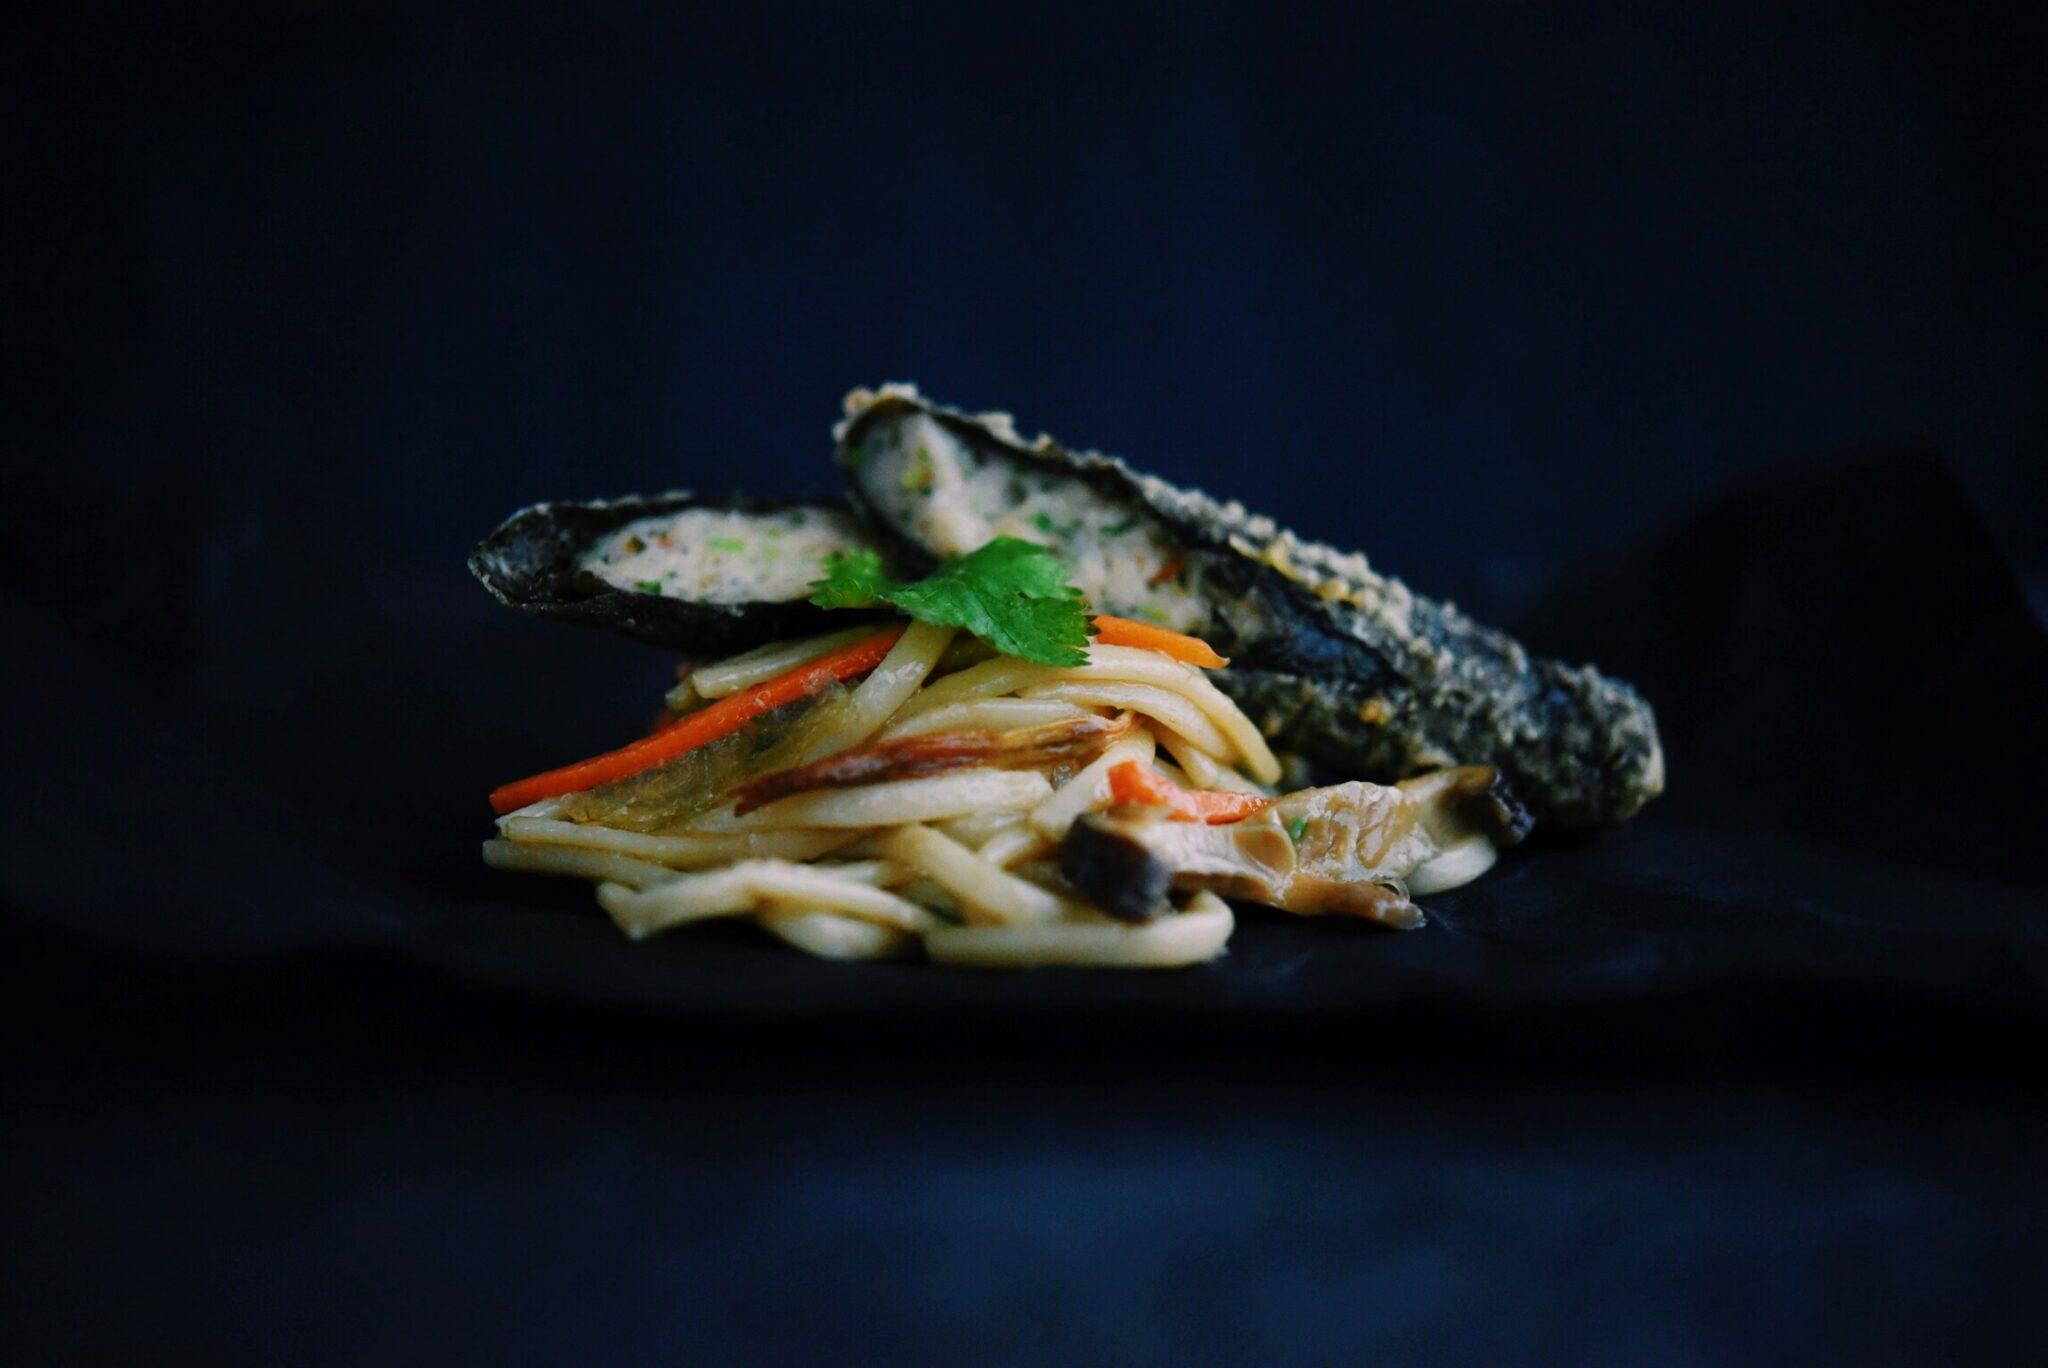 IMG 9253 - Foodfotografie workshop Nikon + tips